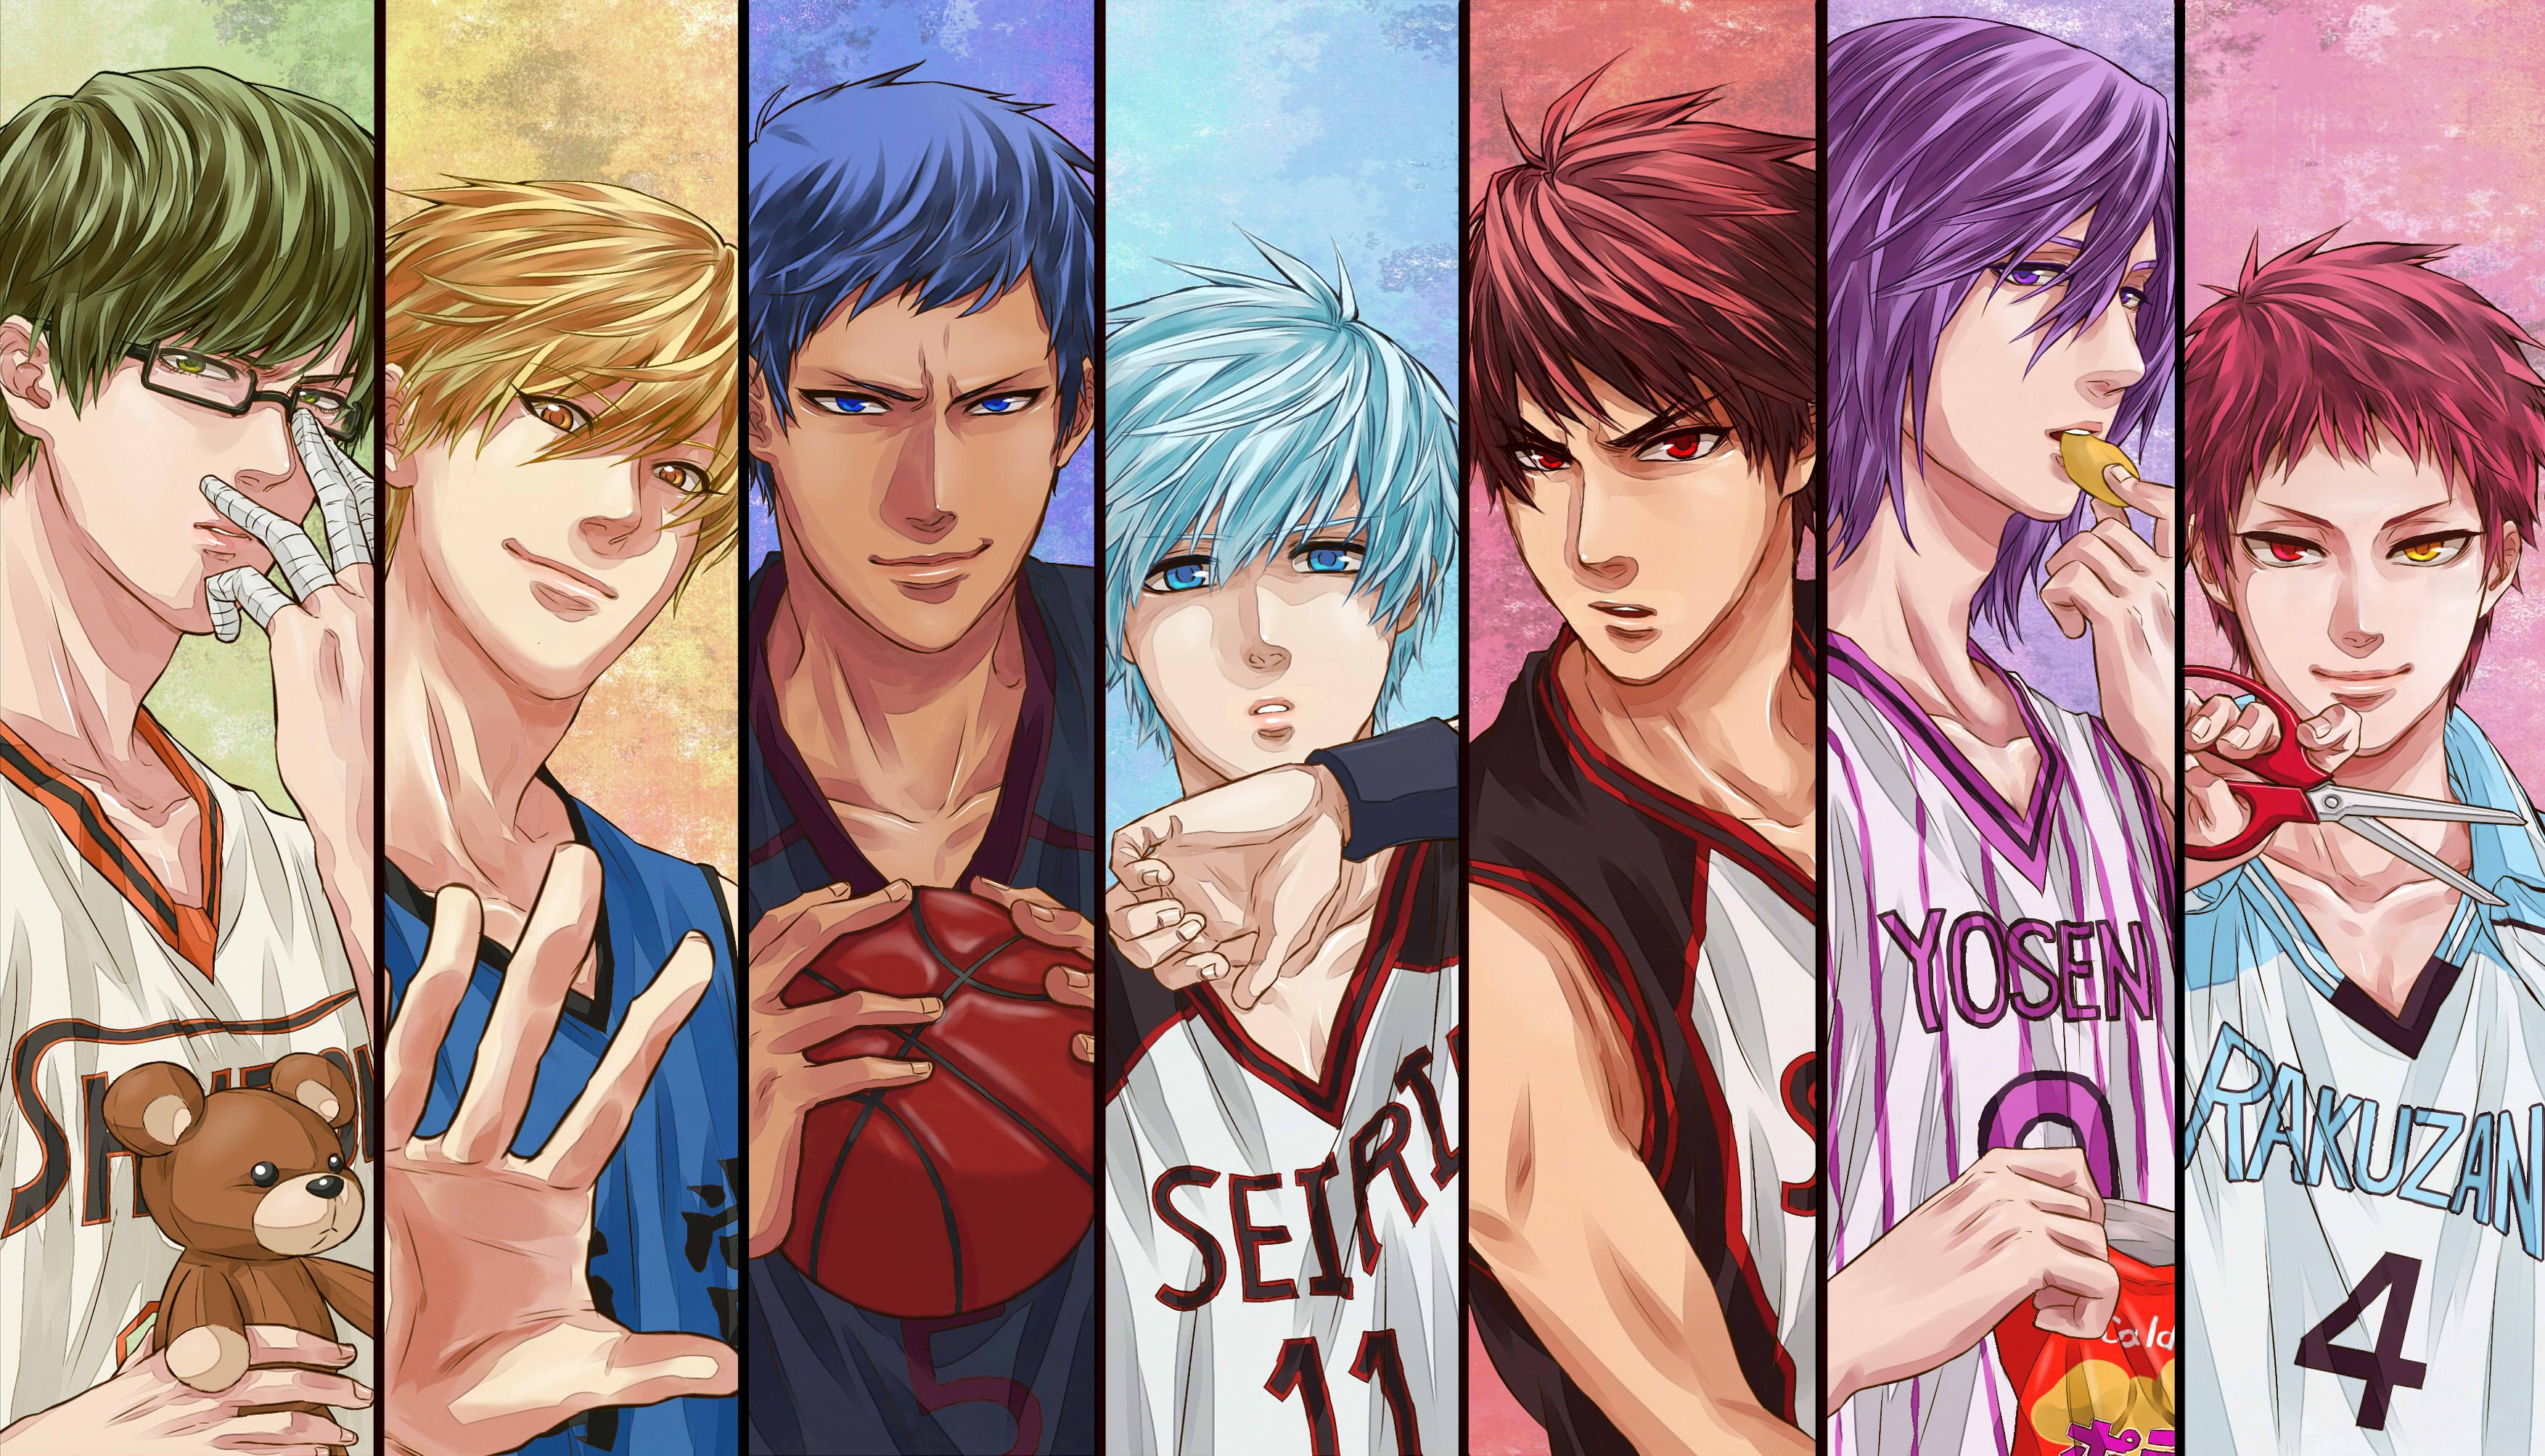 Anime Kuroko No Basket Wallpaper Anime Kuroko Kuroko No Basket